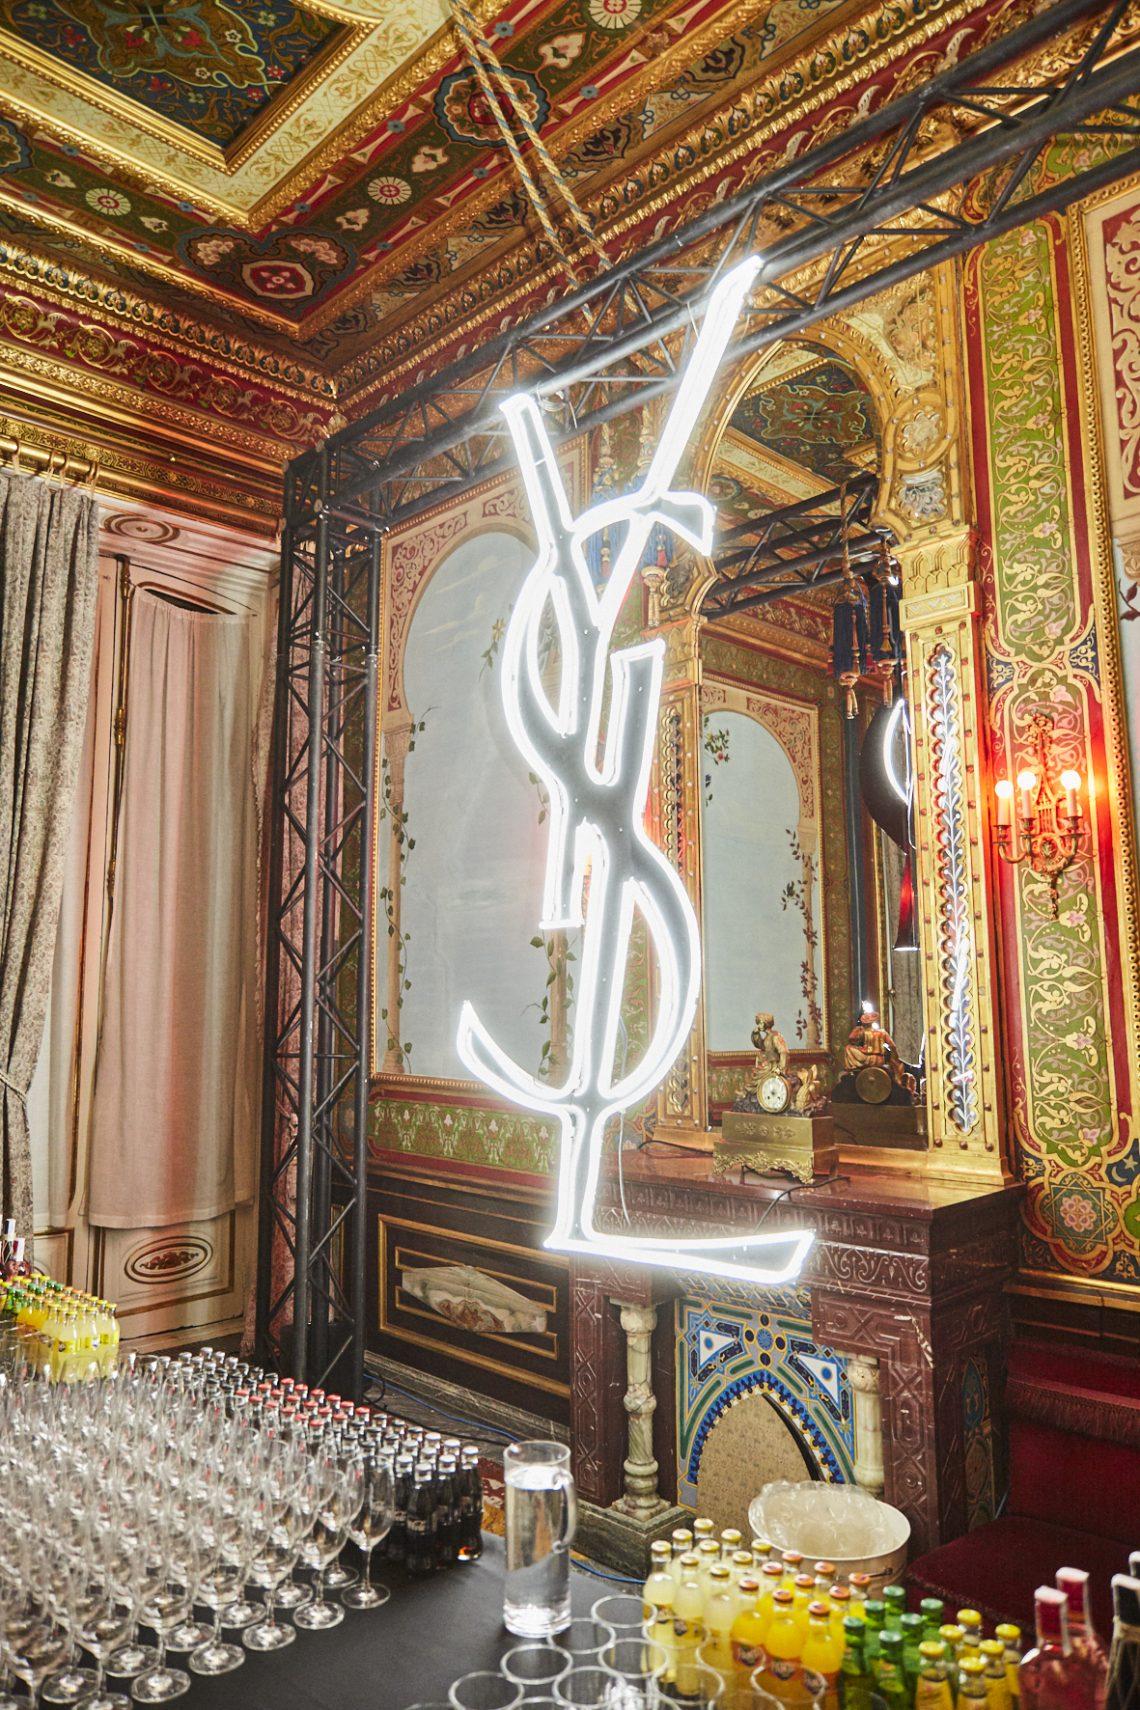 De Marta Hazas a Mónica Cruz o Palomo Spain, te mostramos la ESPECTACULAR fiesta de Yves Saint Laurent Beauty en Madrid que nadie se quiso perder